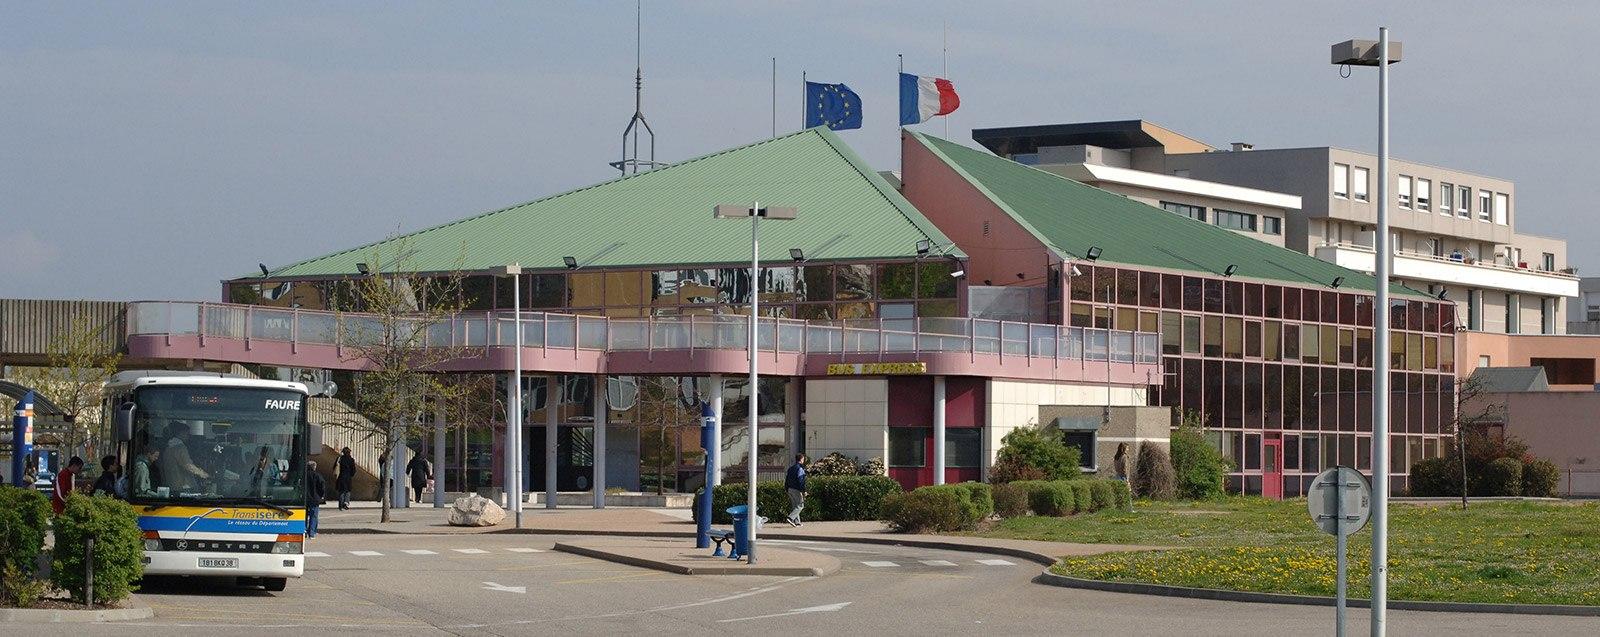 Gare routière Villefontaine